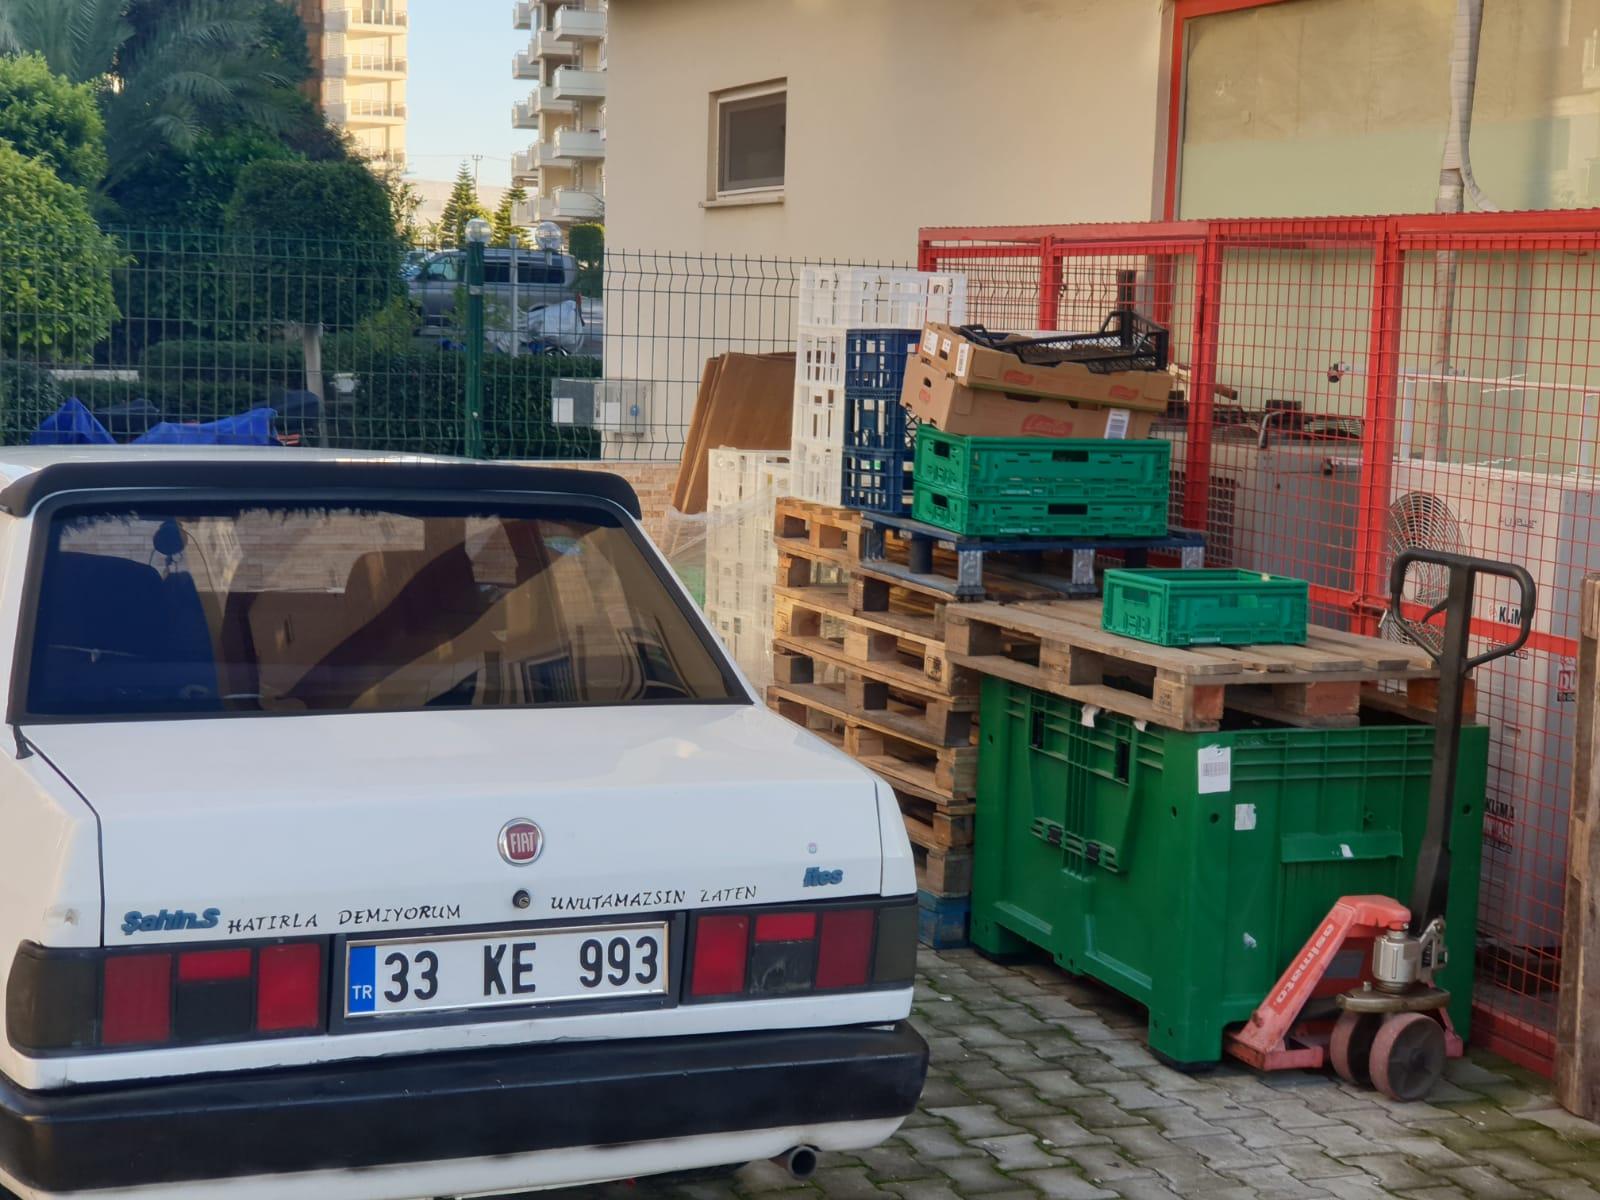 Şok market yan tarafı temizlettirildi,  malzeme ve araç konulması yasaklandı